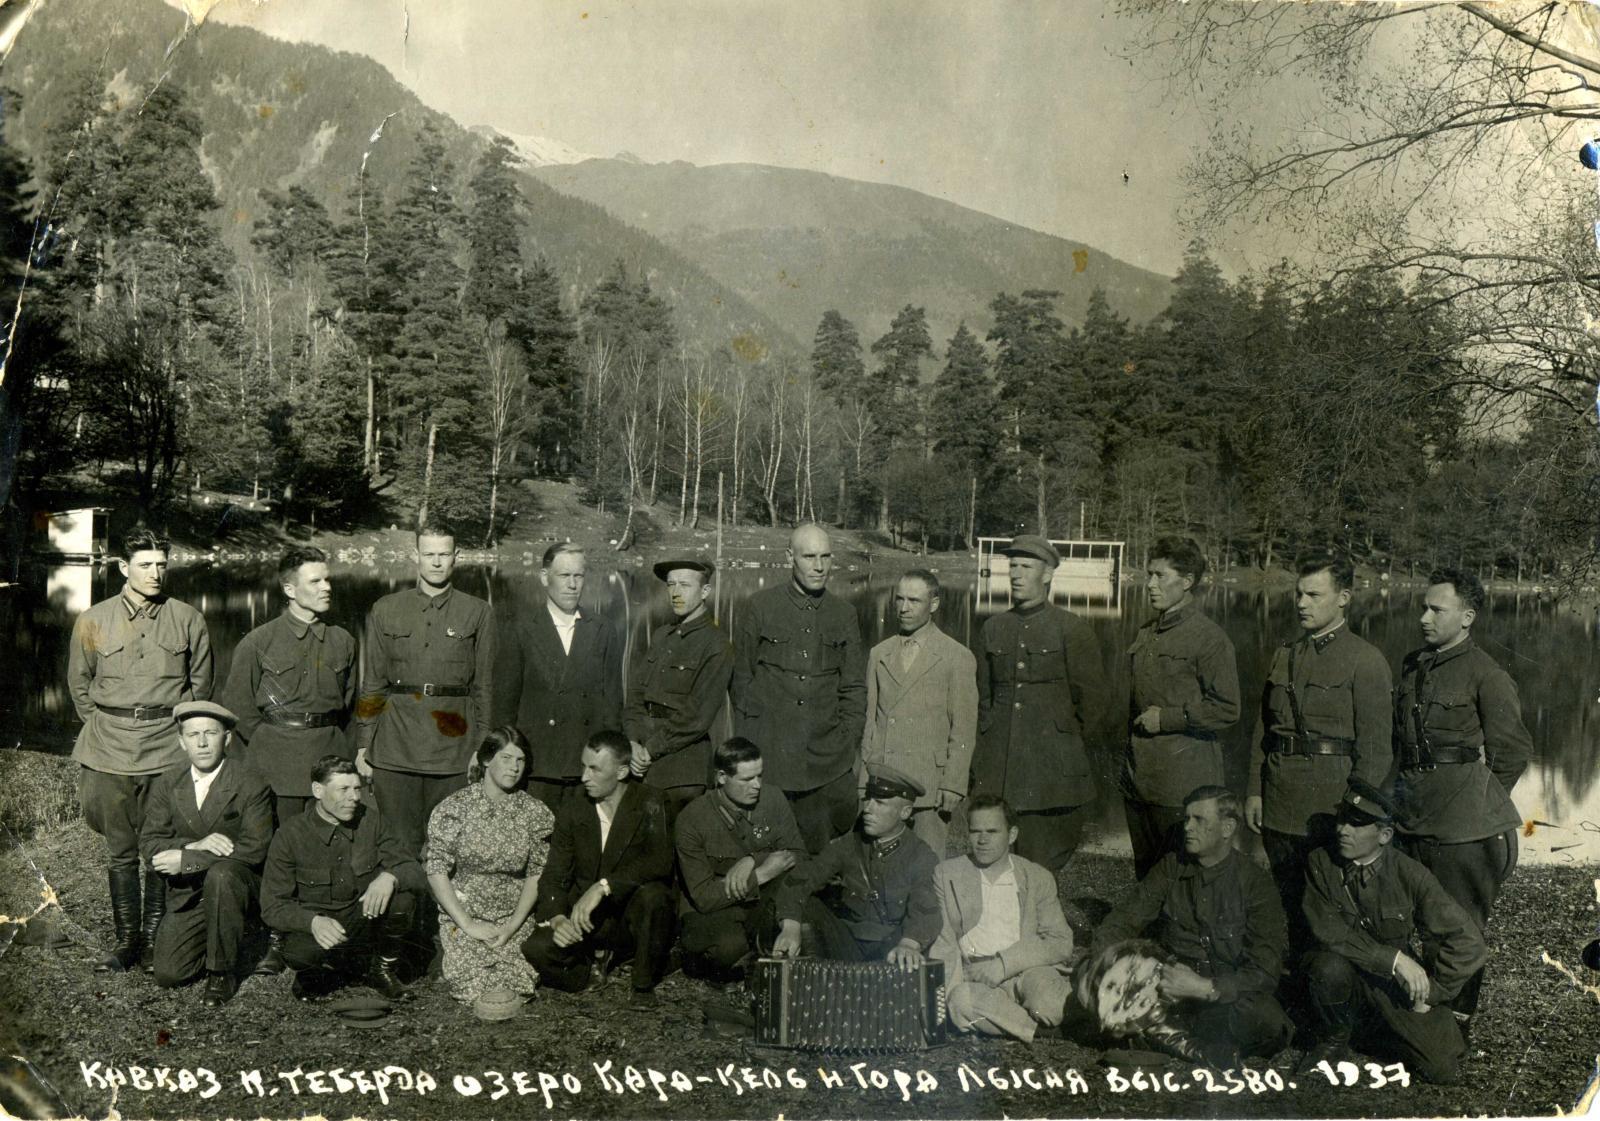 1937. Сотрудники из различных структур НКВД СССР на отдыхе в Тиберде